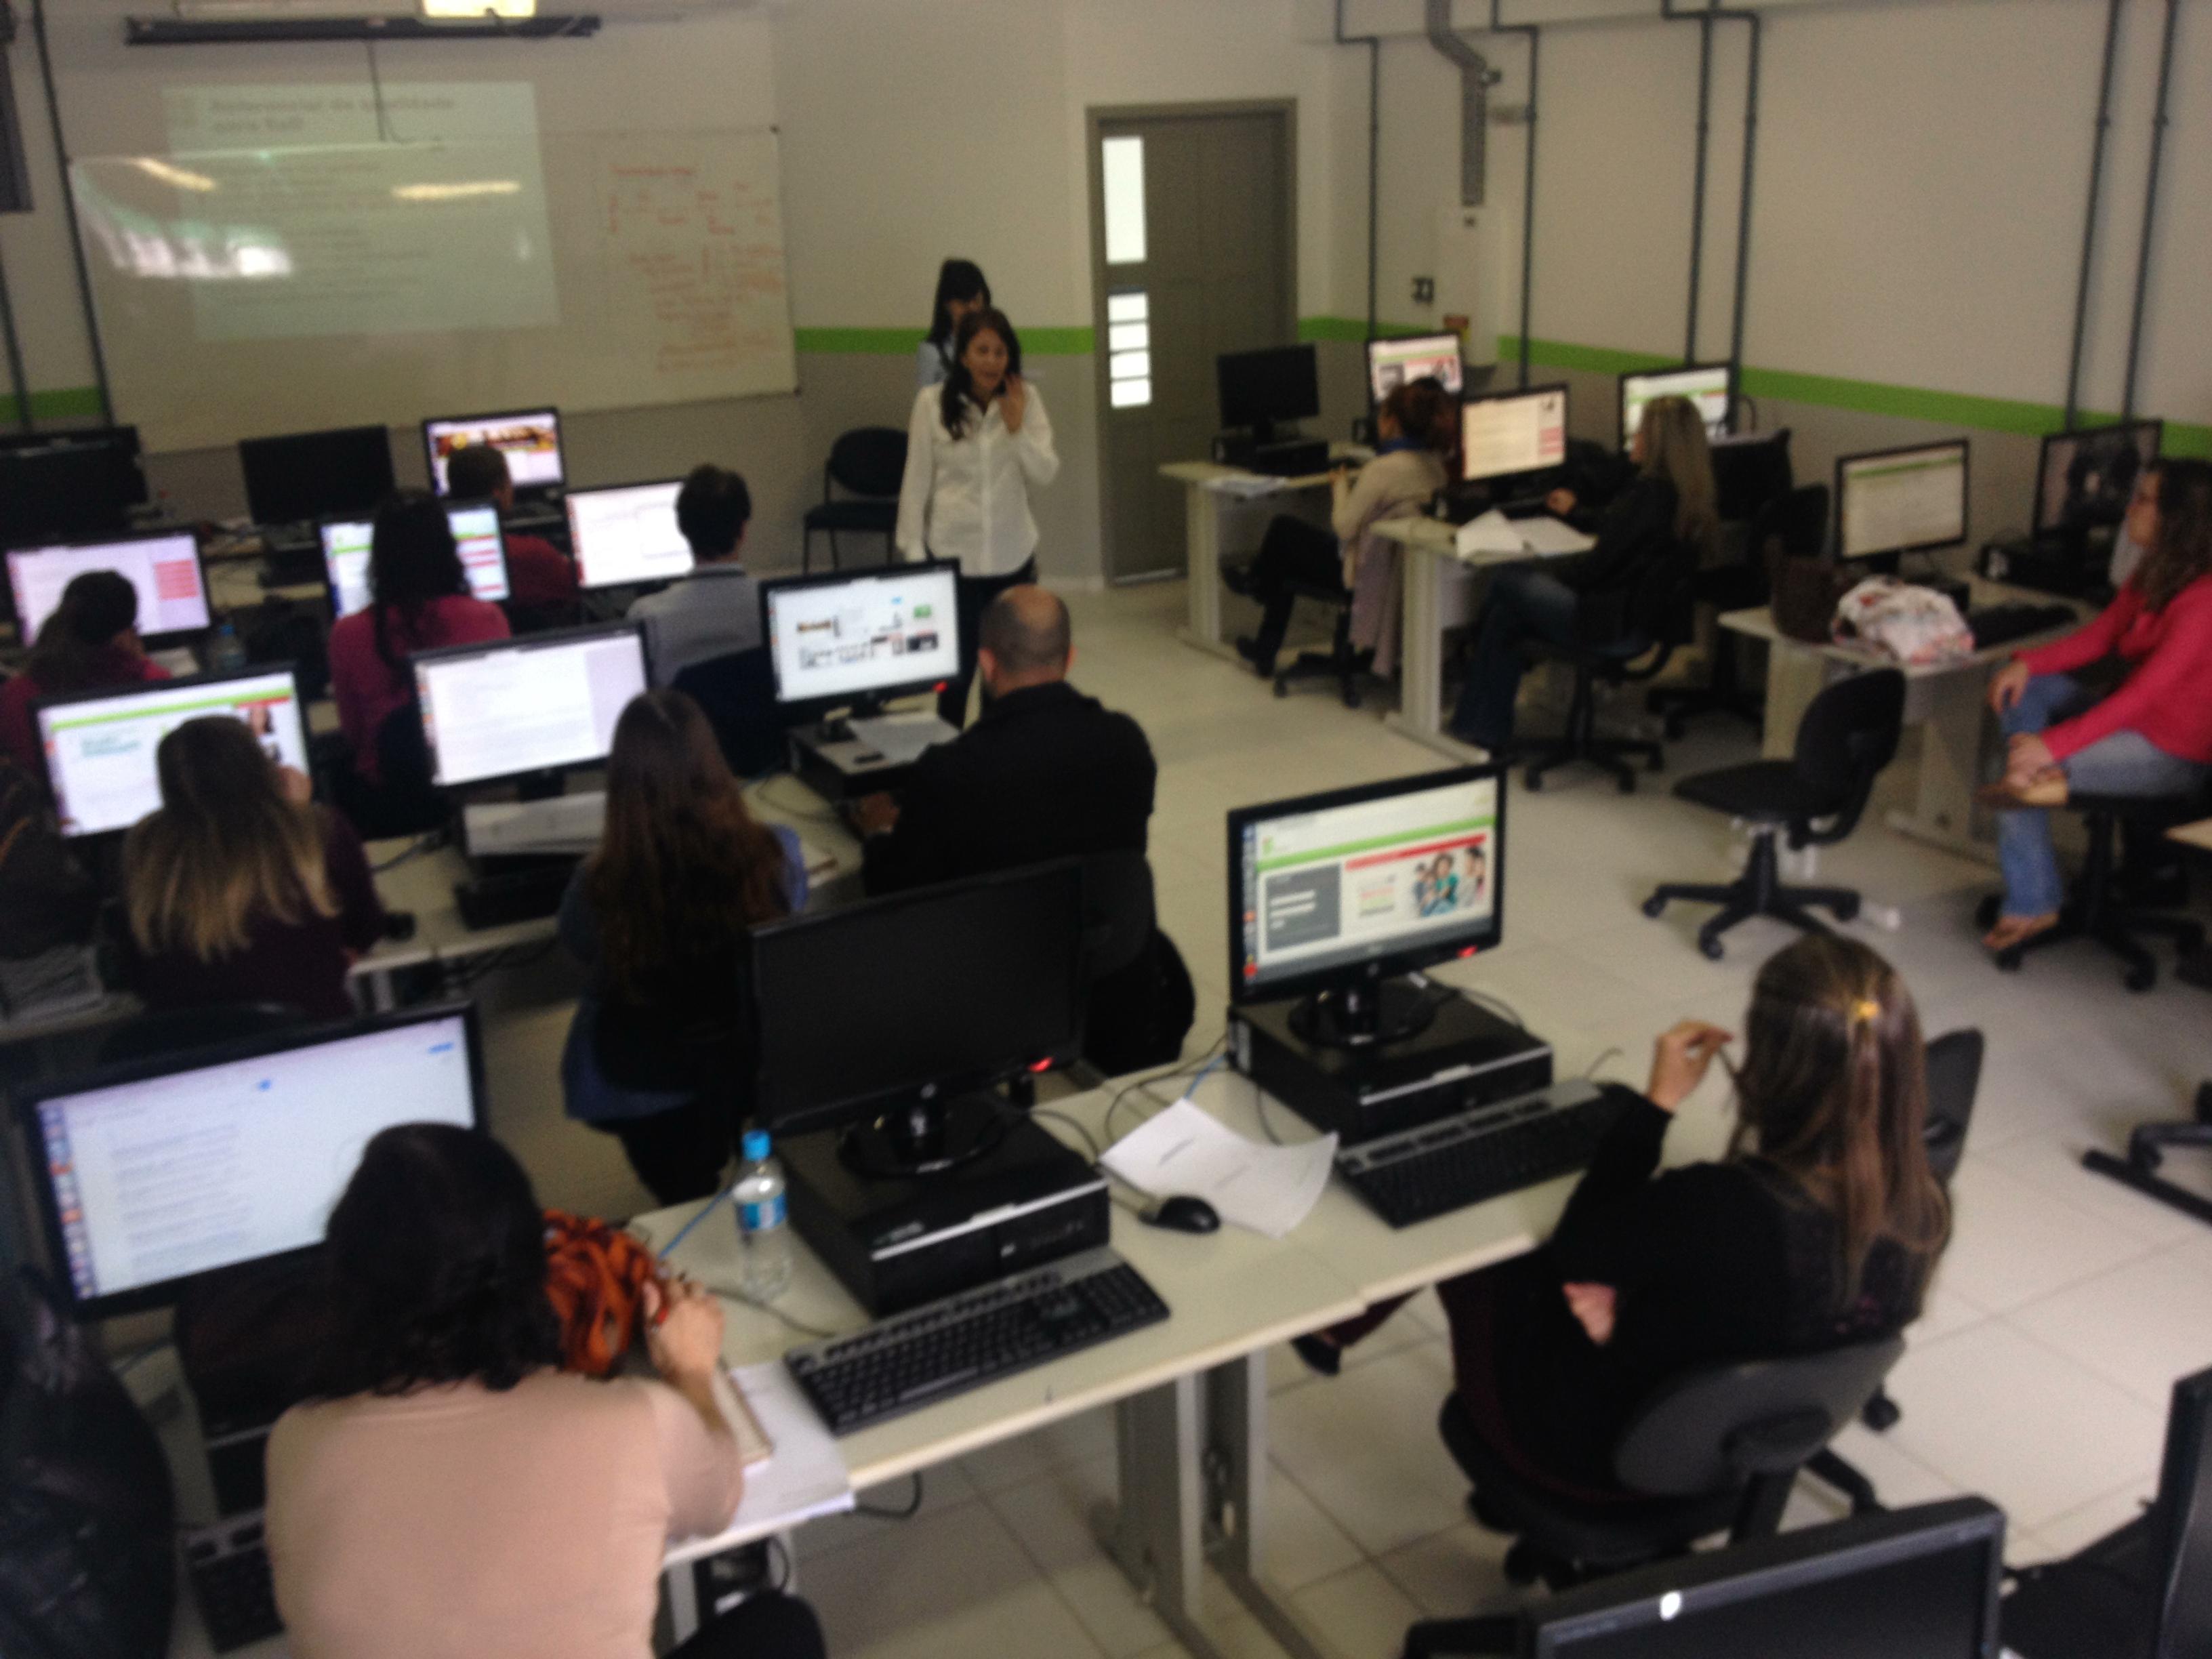 #4C6120 Servidores participam de curso de Formação Continuada em Educação  3264x2448 píxeis em Curso Design Ead